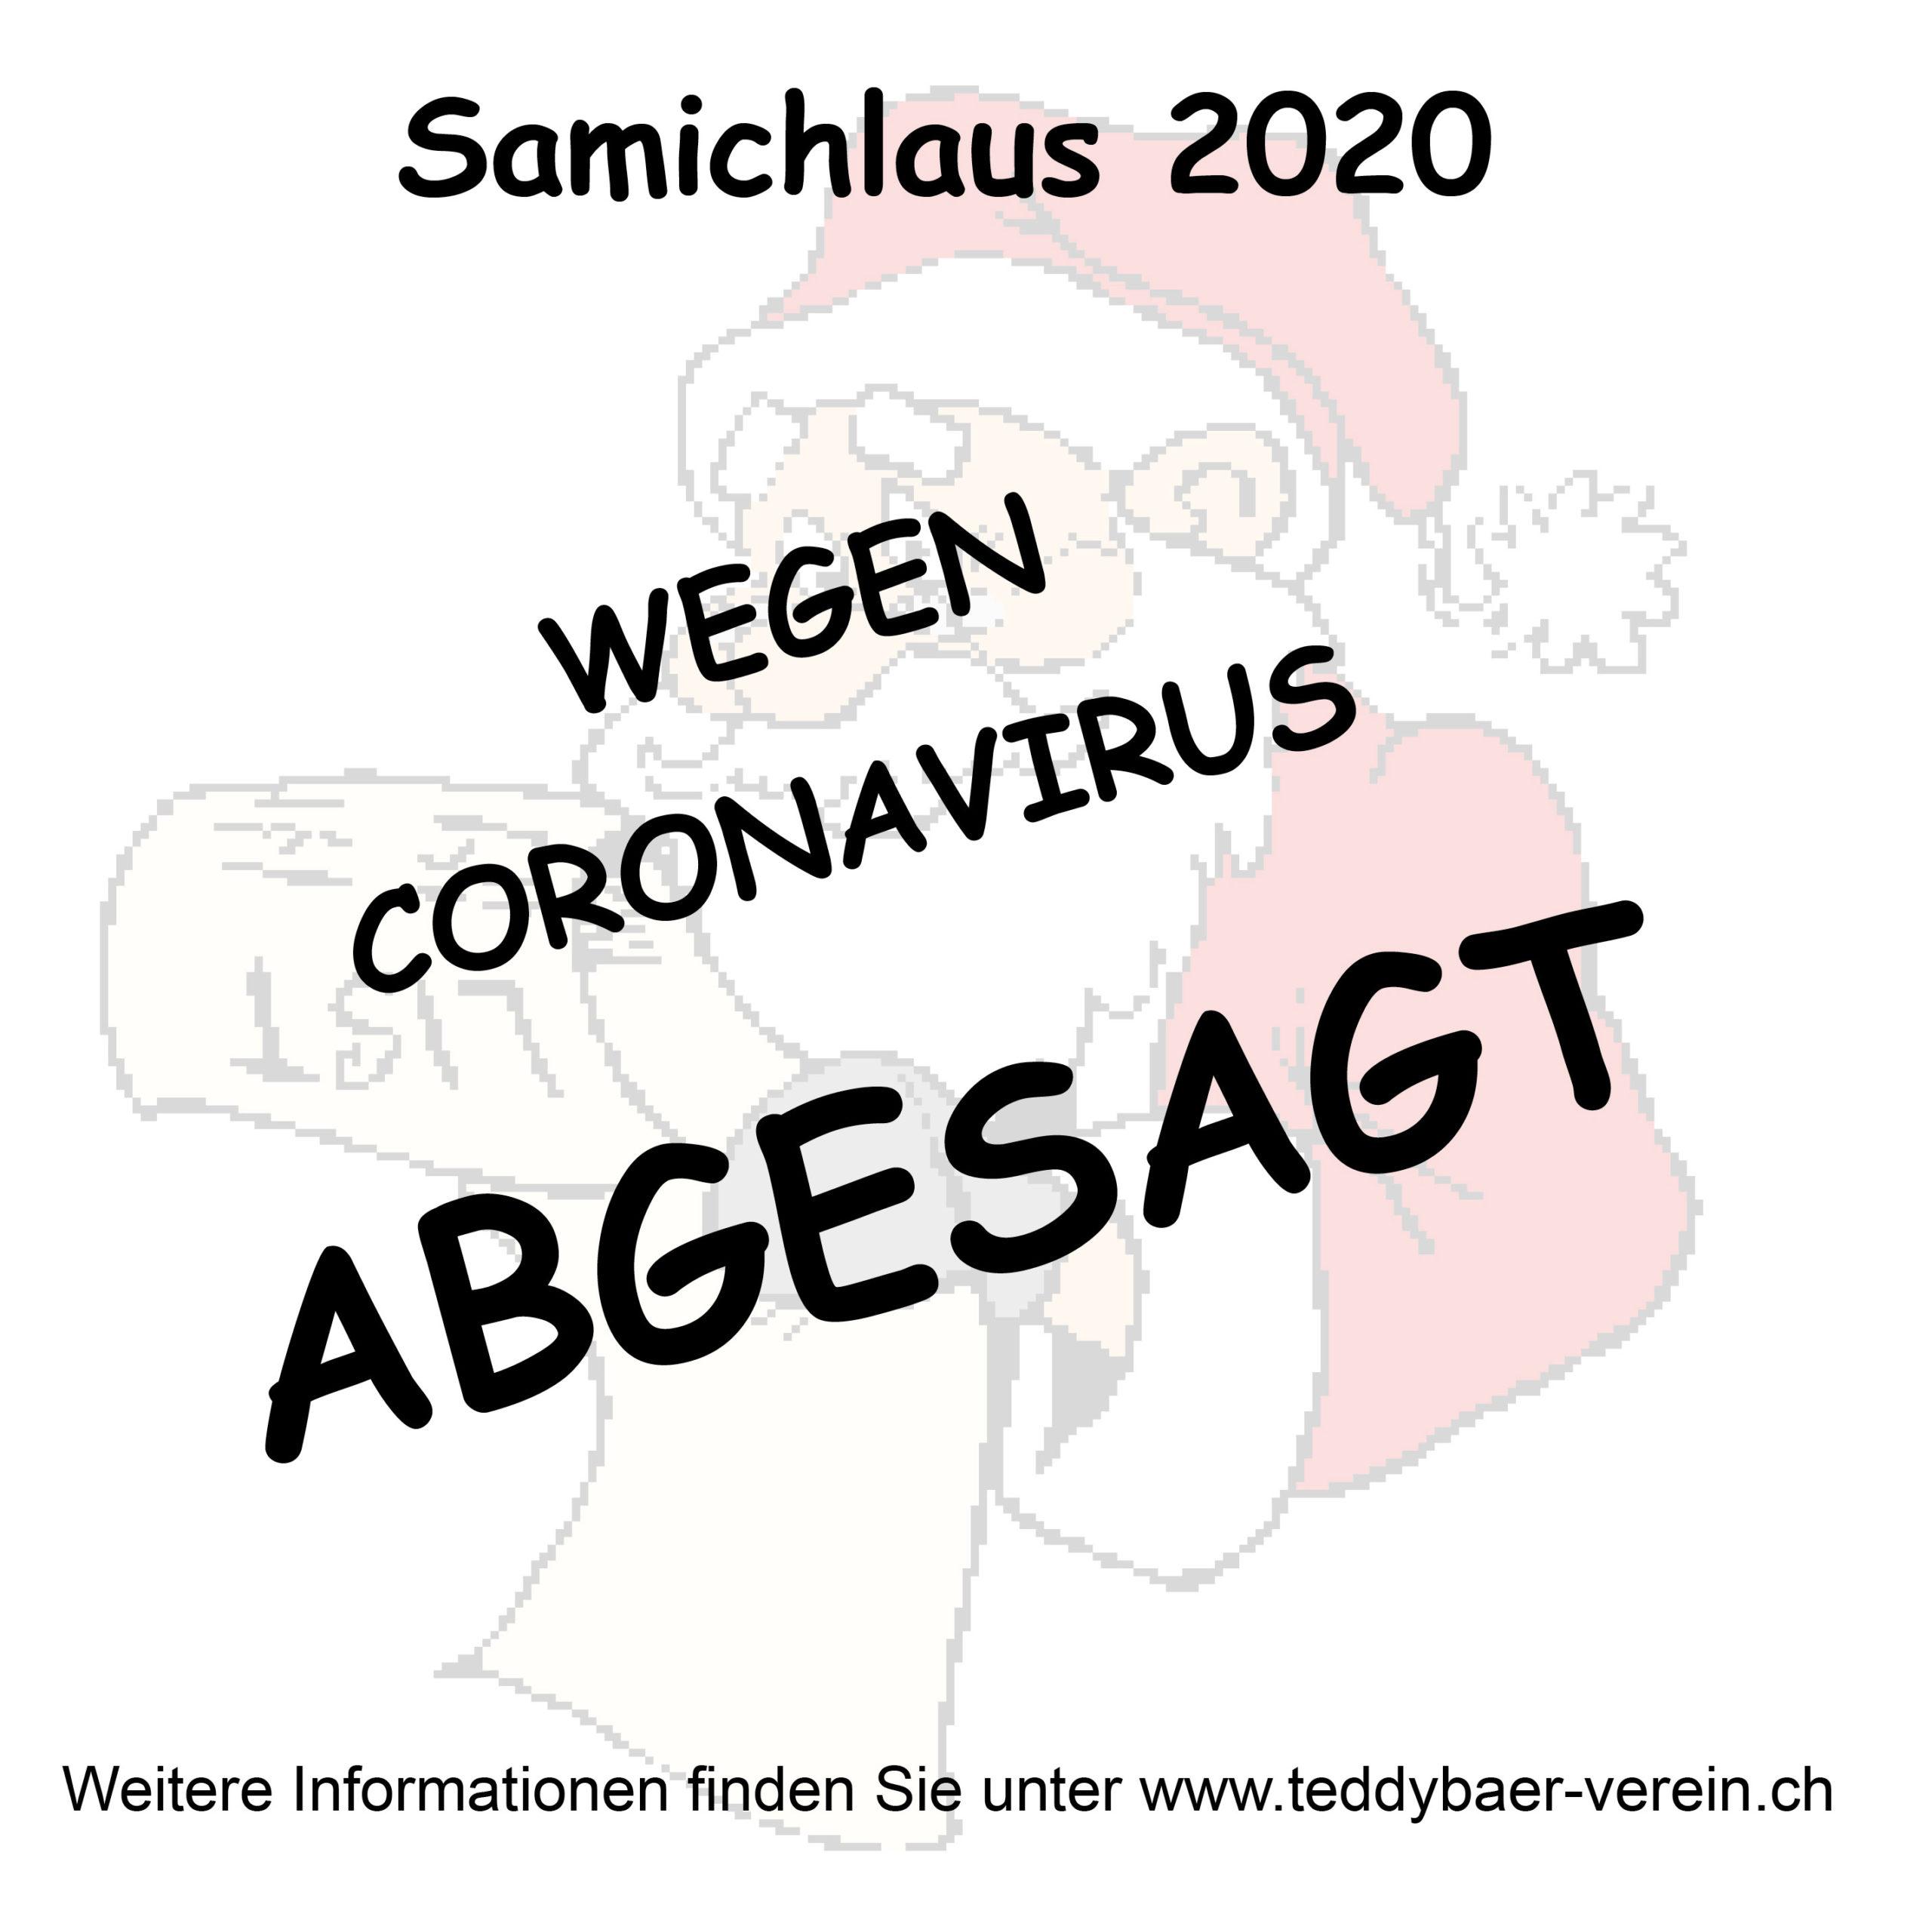 Samichlaus abgesagt